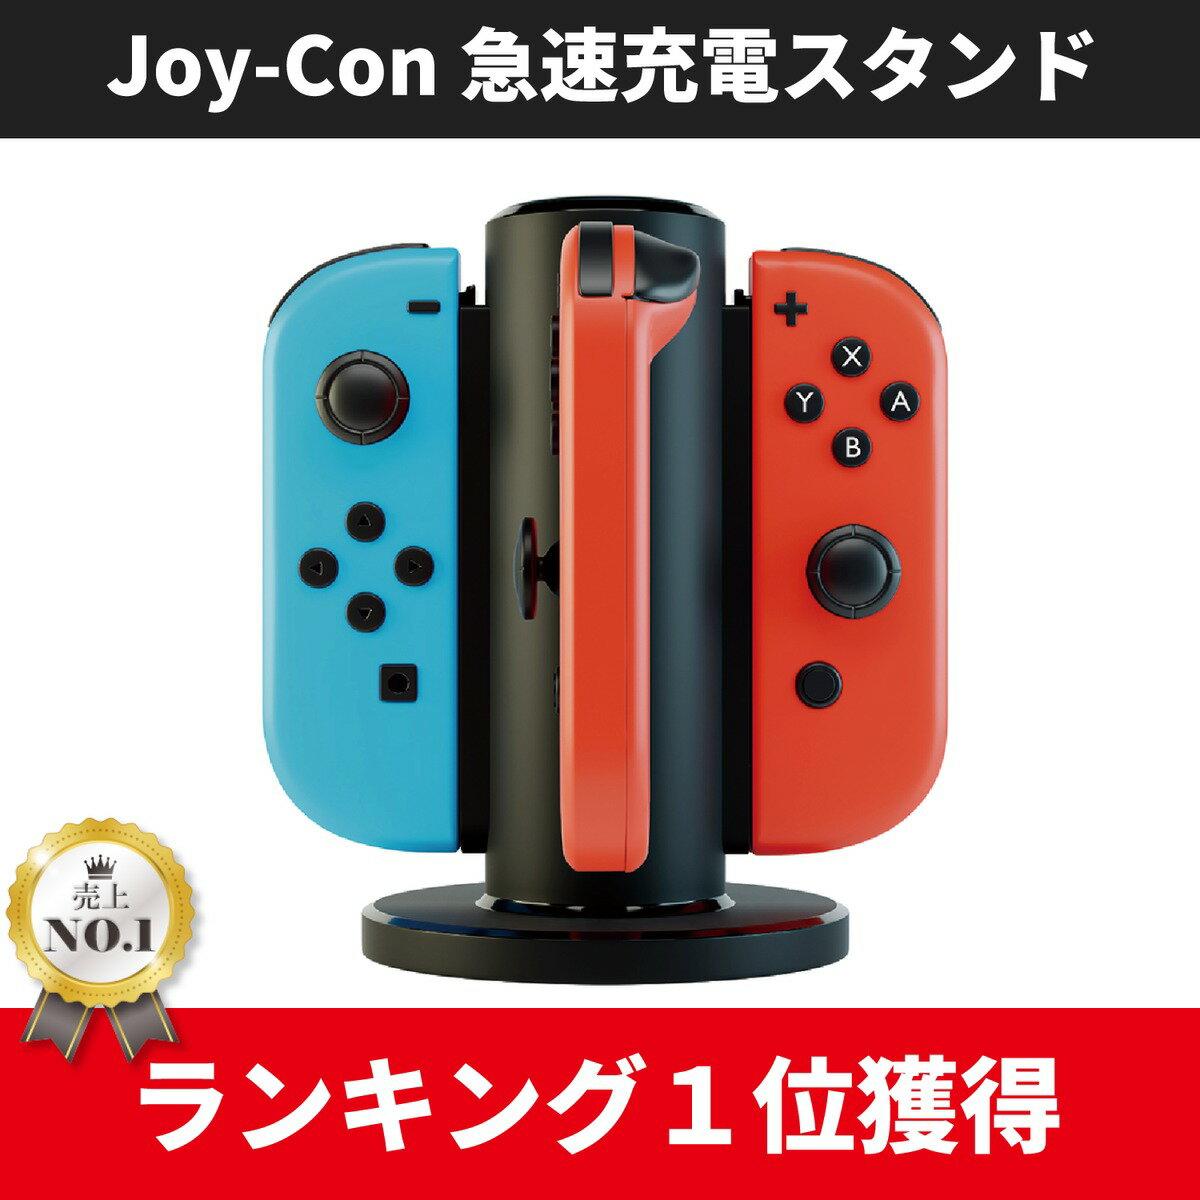 【送料無料】Nintendo Switch ジョイコン急速充電スタンド 充電スタンド switch 充電 充電器 nintendo switch 充電 Joy-Con joy−con【1年保証】